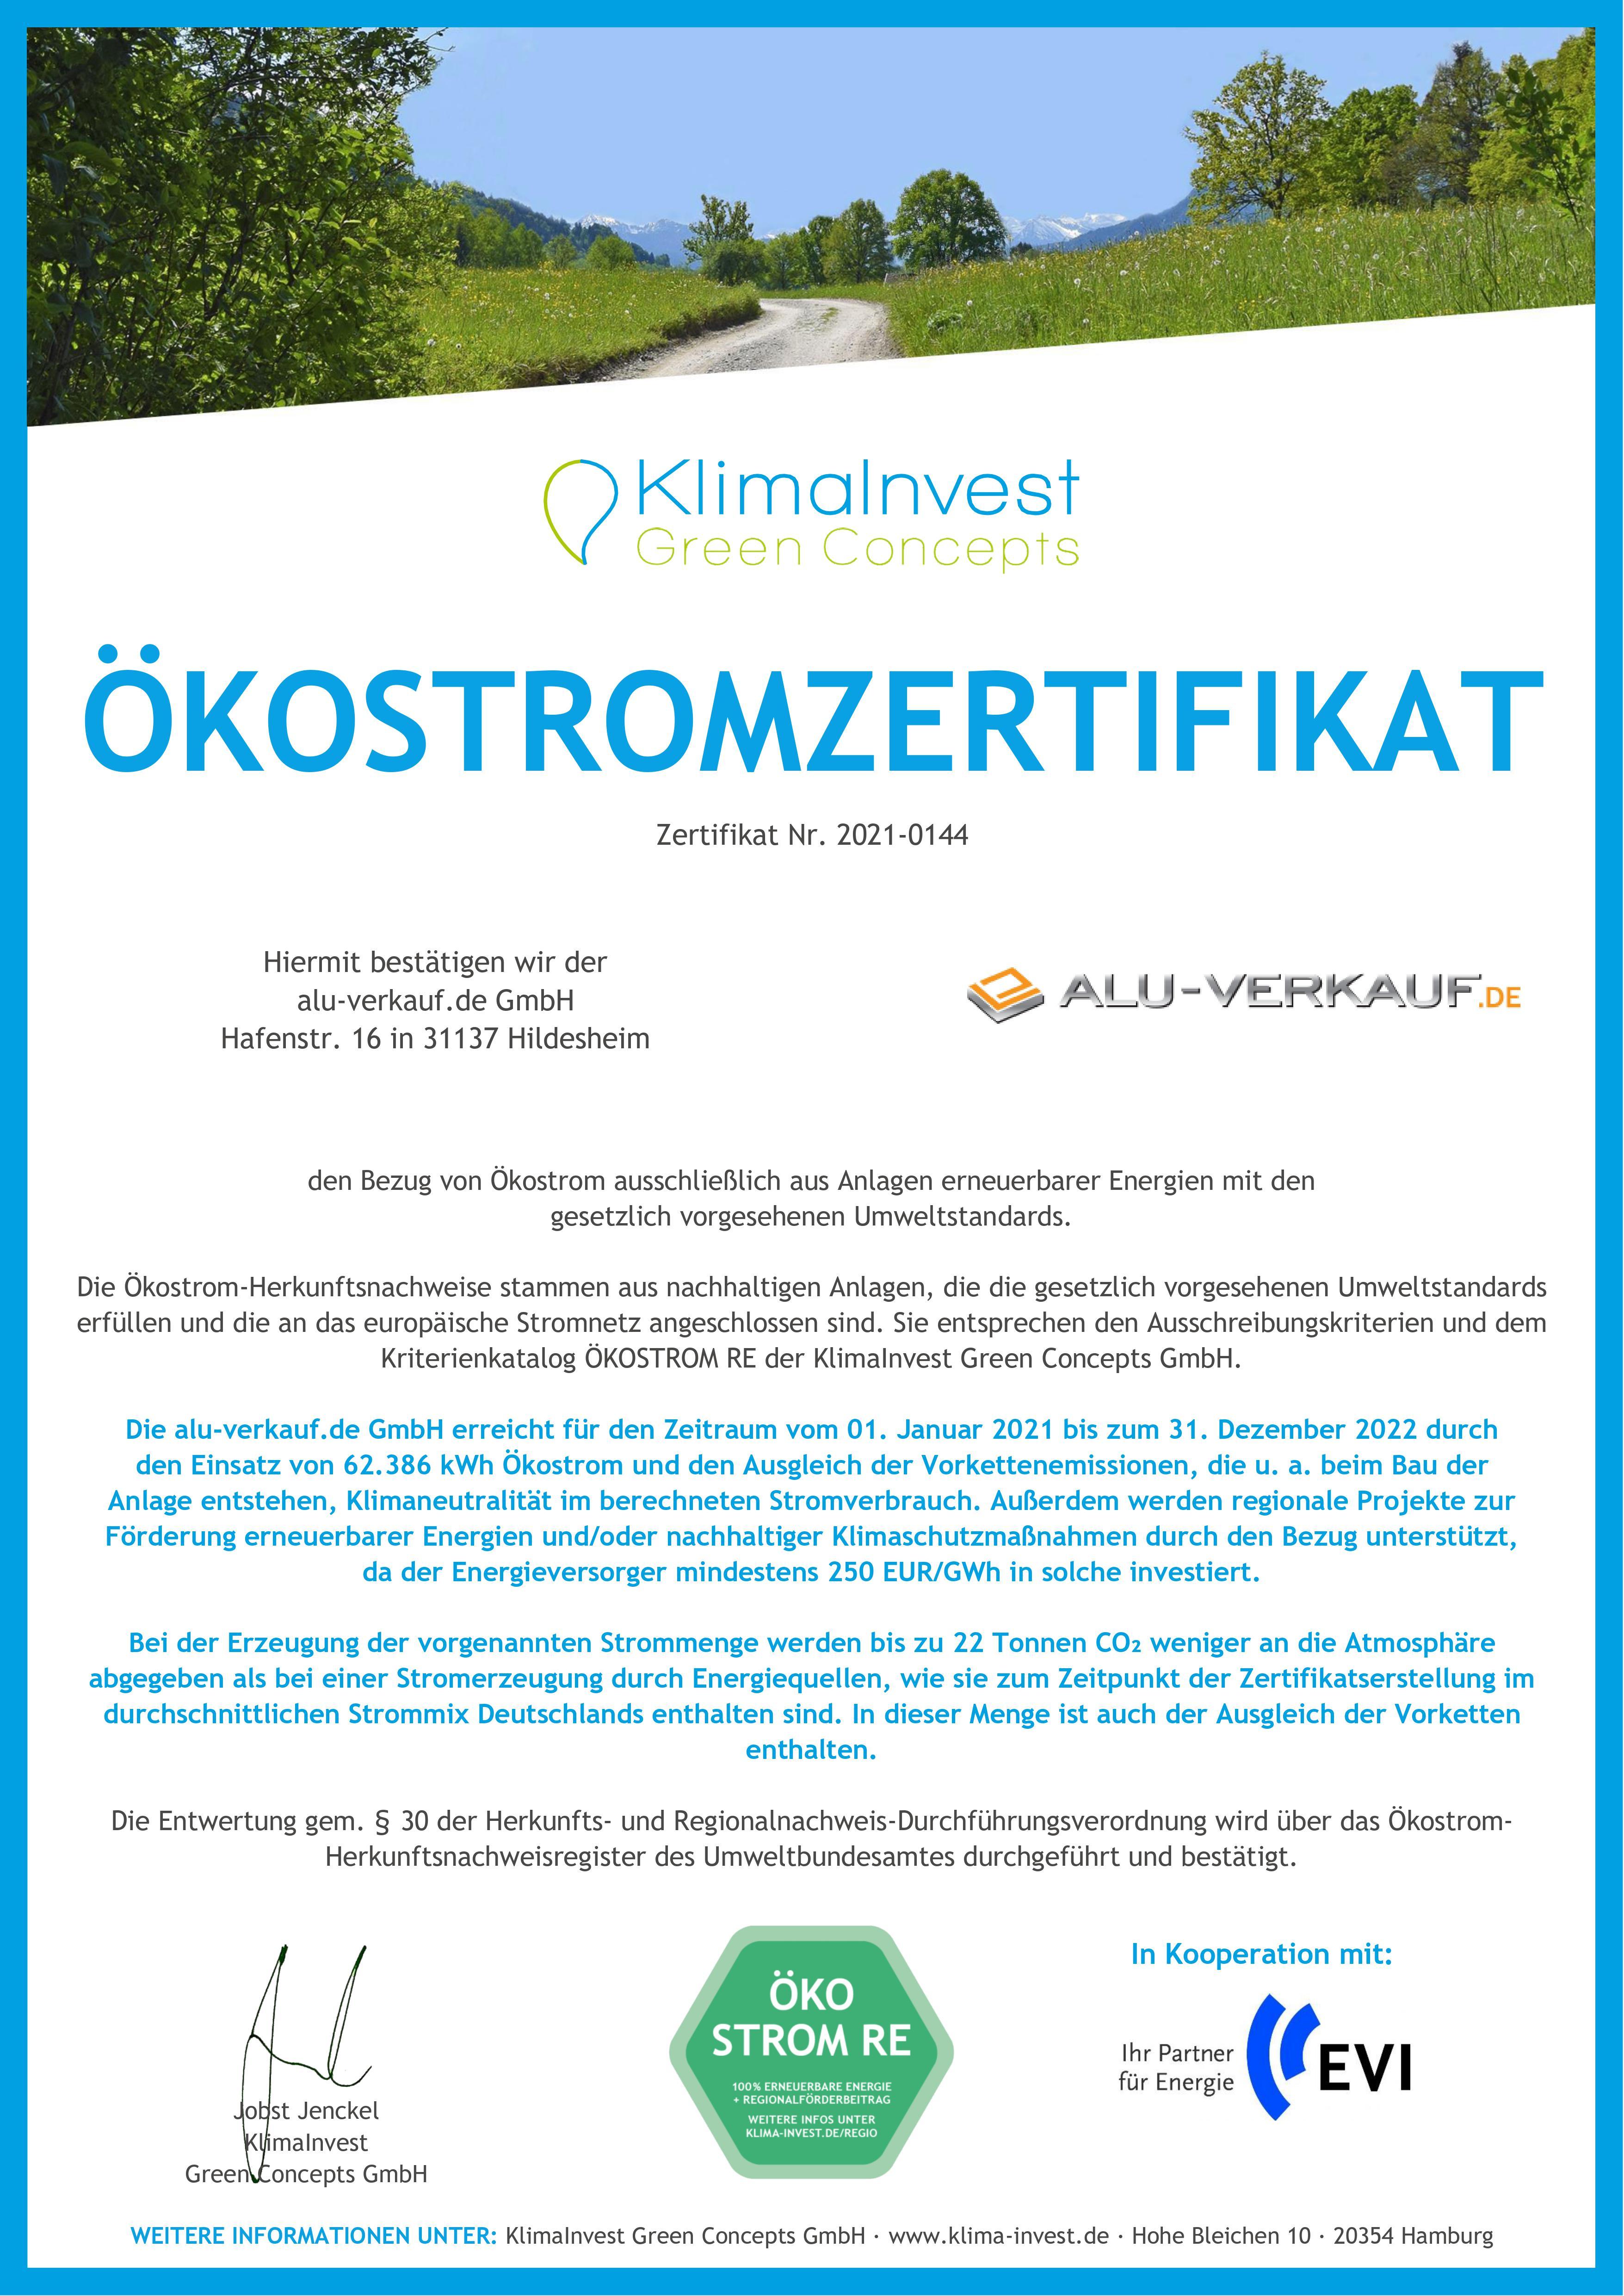 Ökostromzertifikat alu-verkauf.de